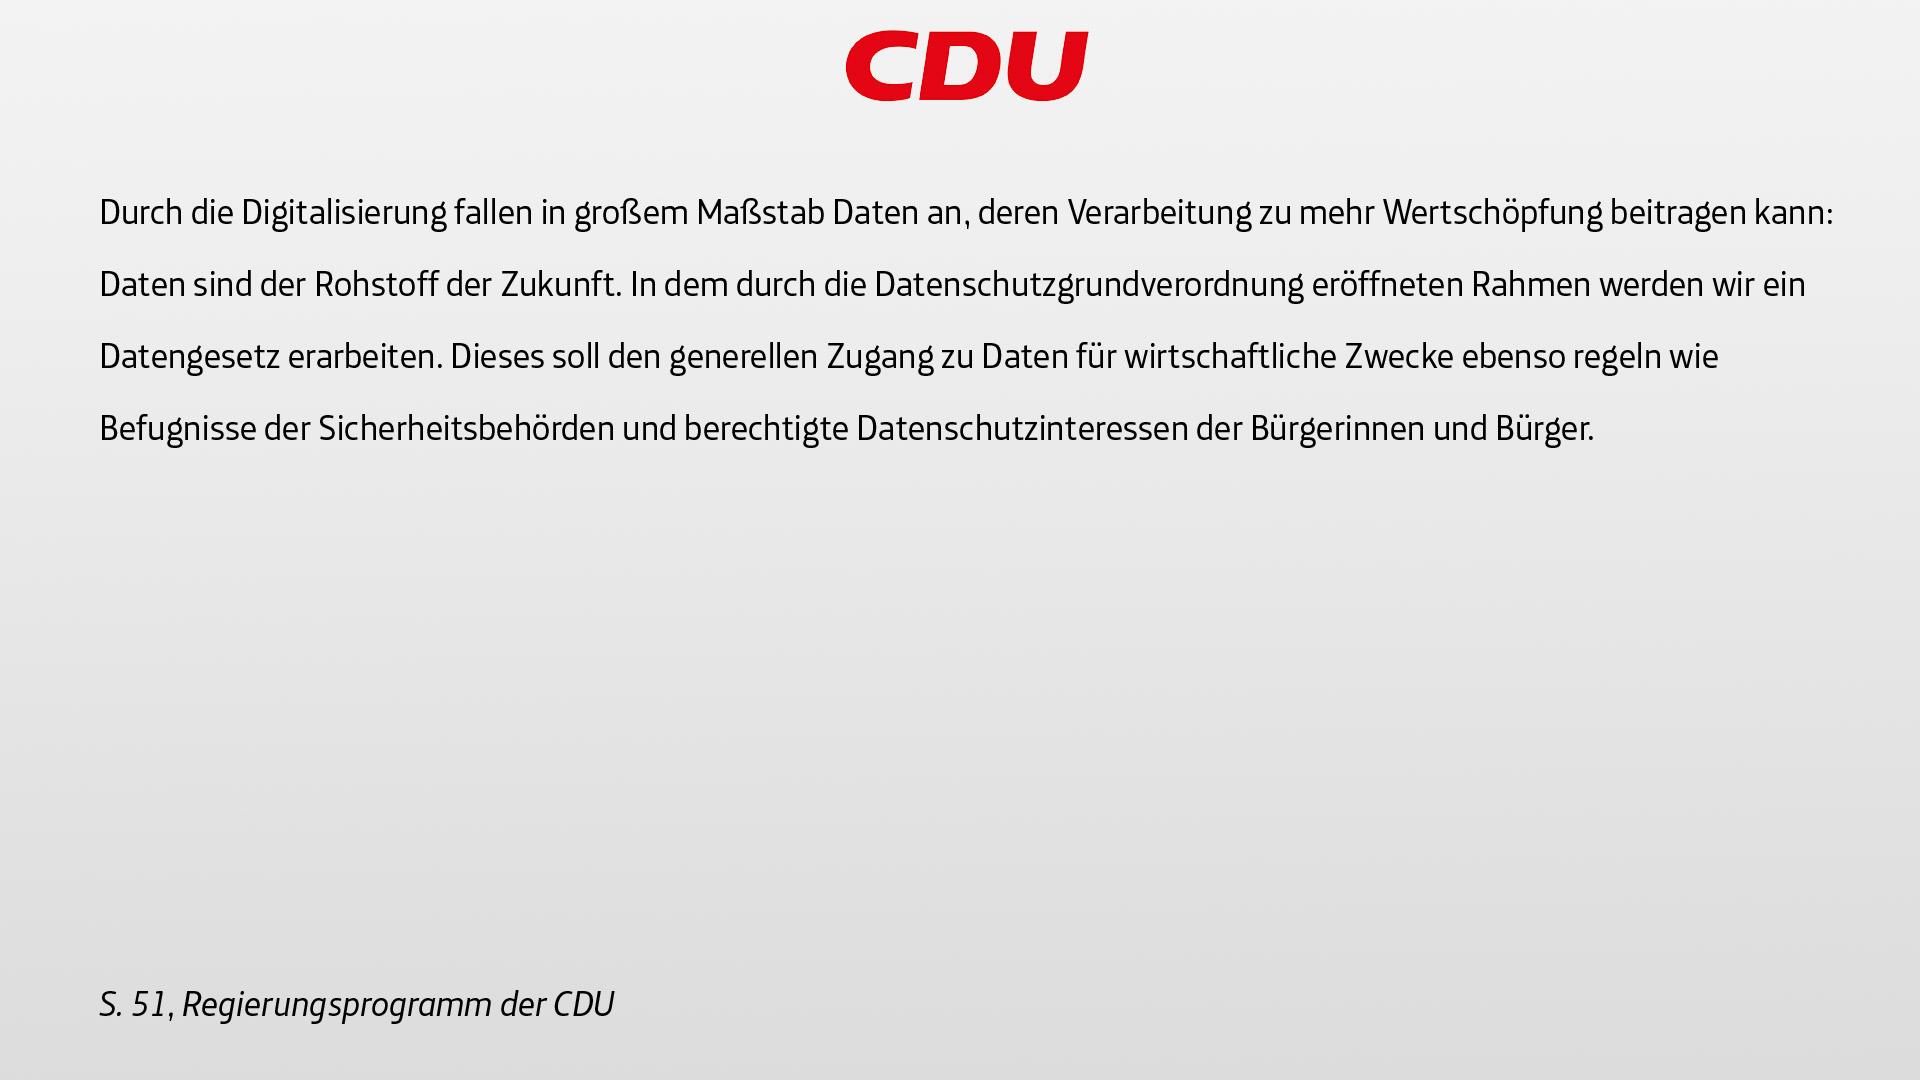 Datenschutz-CDU-Slides-002